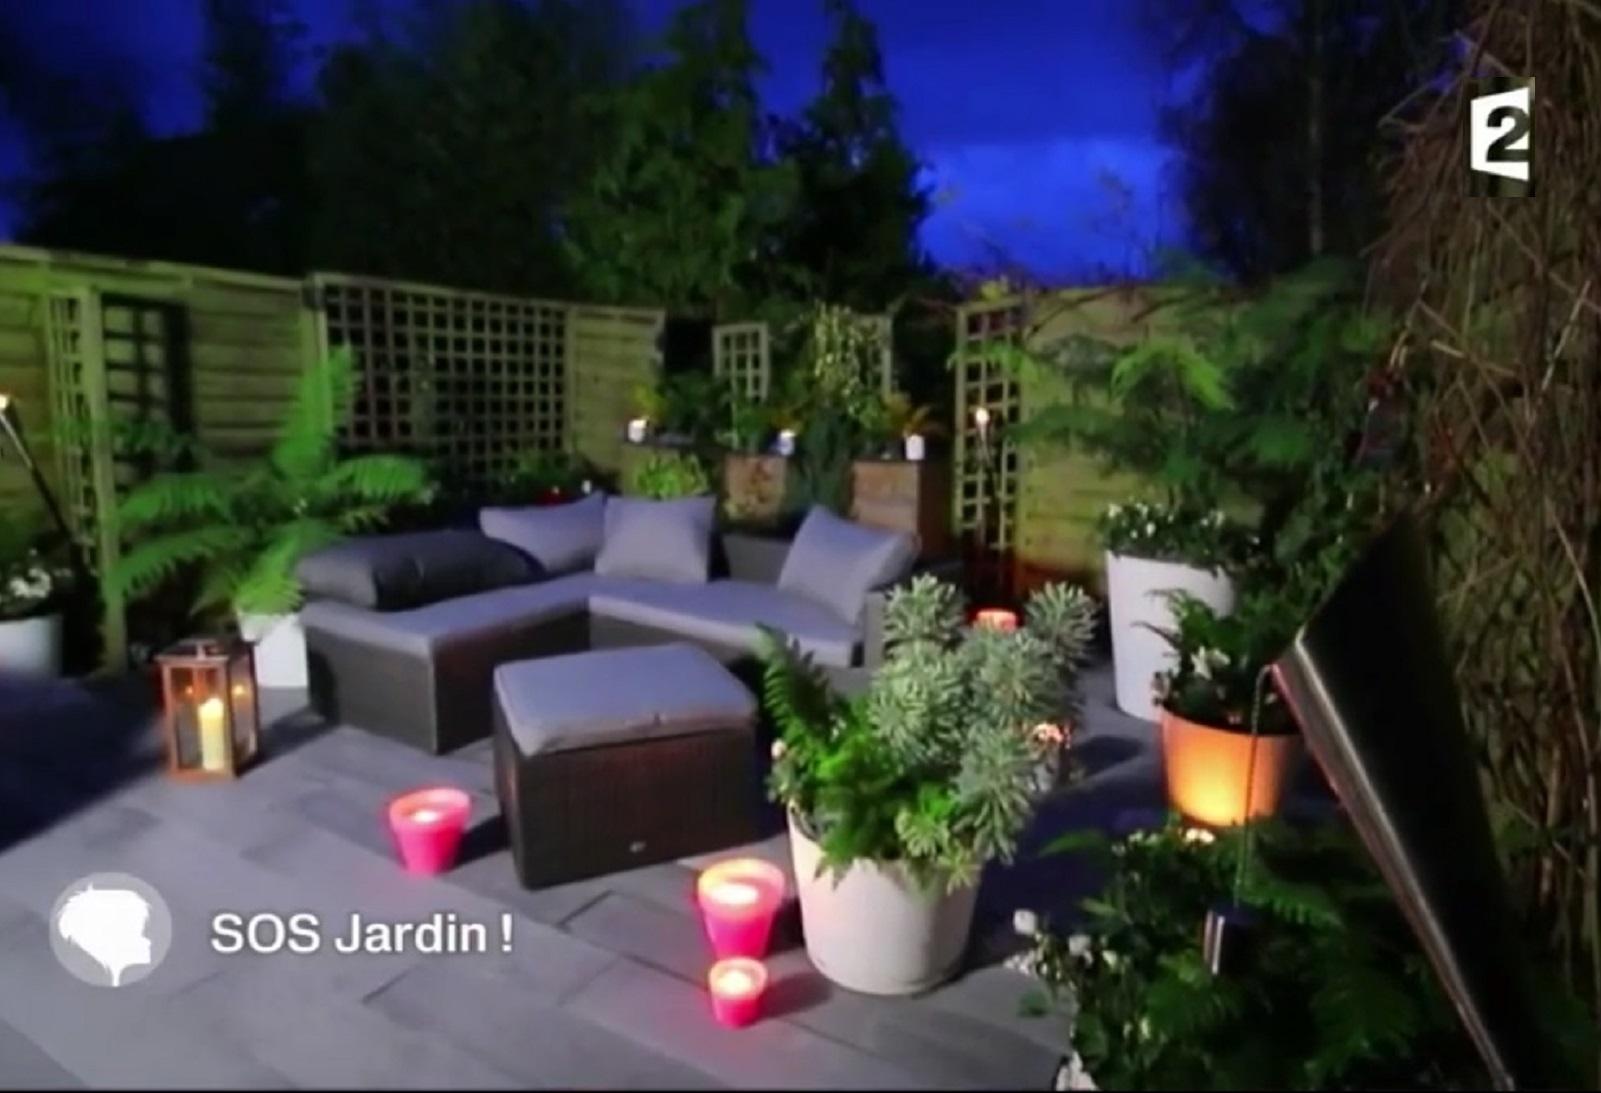 Notre mobilier de jardin la t l vision nouveau d fi for Mobilier de jardin unopiu